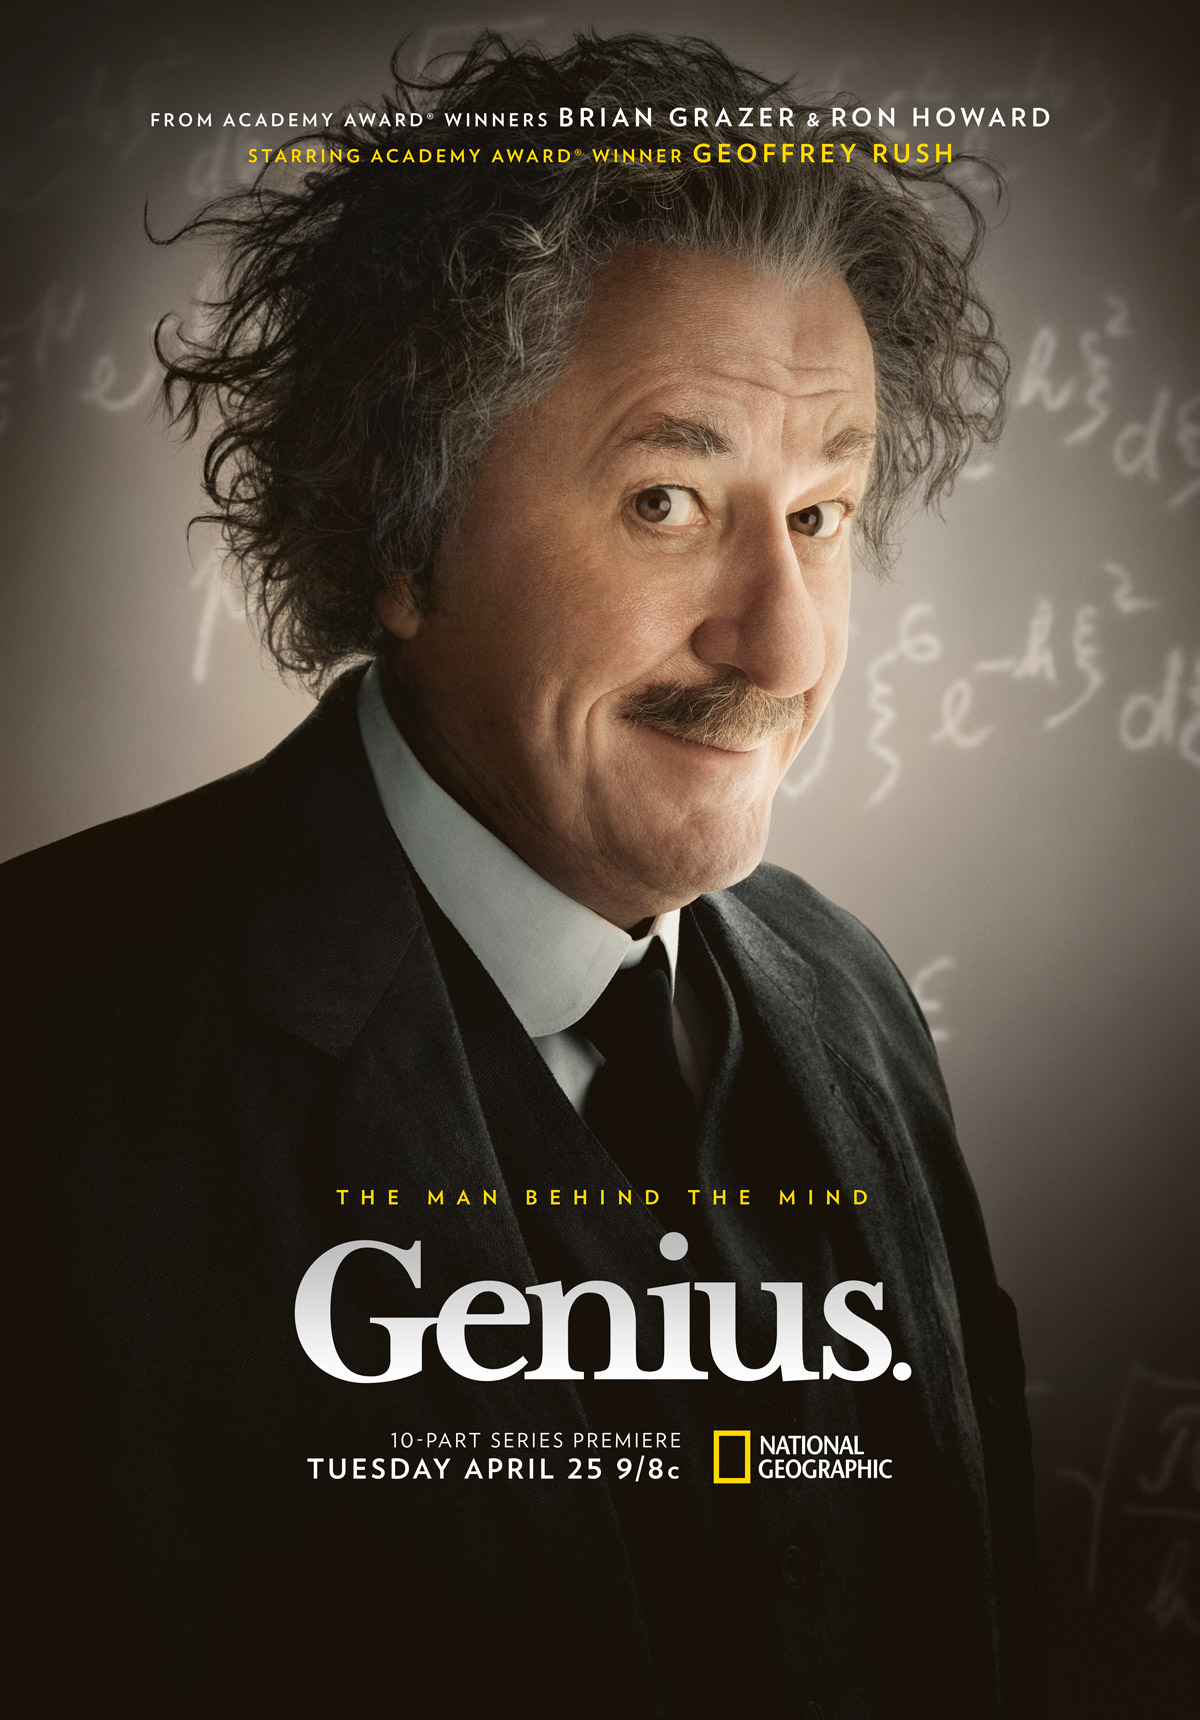 Genius-KeyArt-Vertical-Ref.jpg